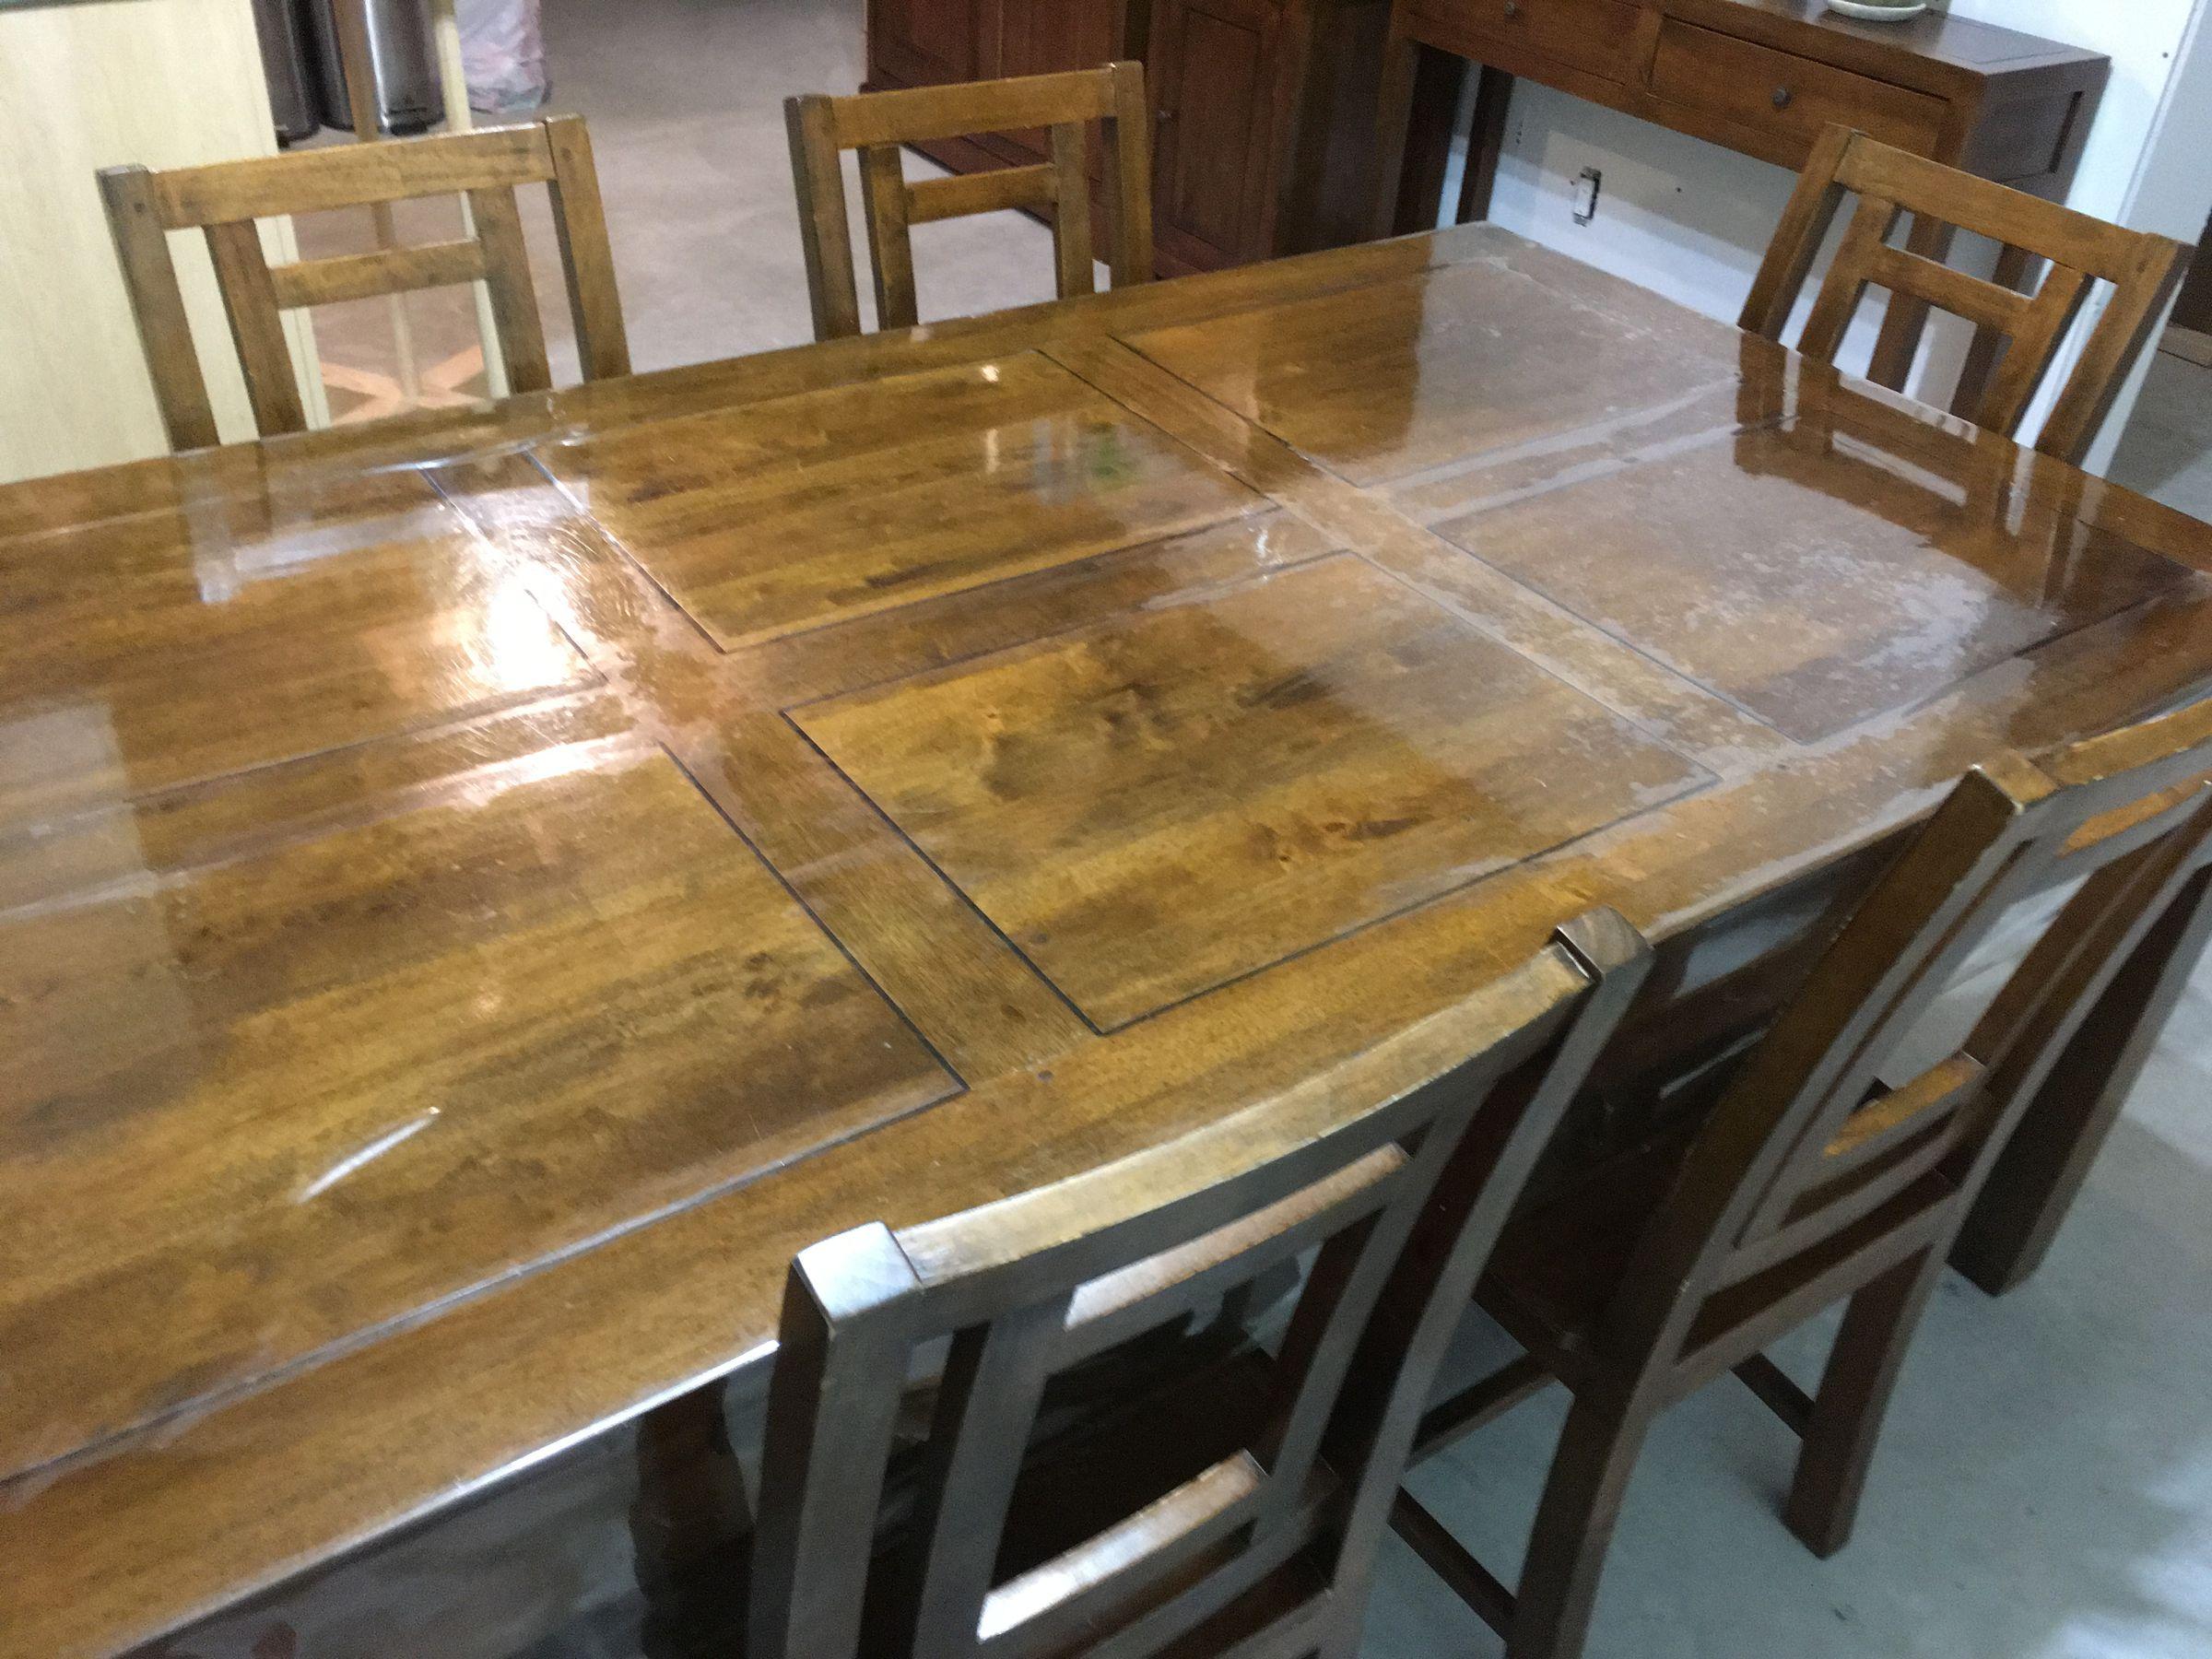 Nappe transparente laiss d p ts sur table - Nappe plastique transparente pour table ...